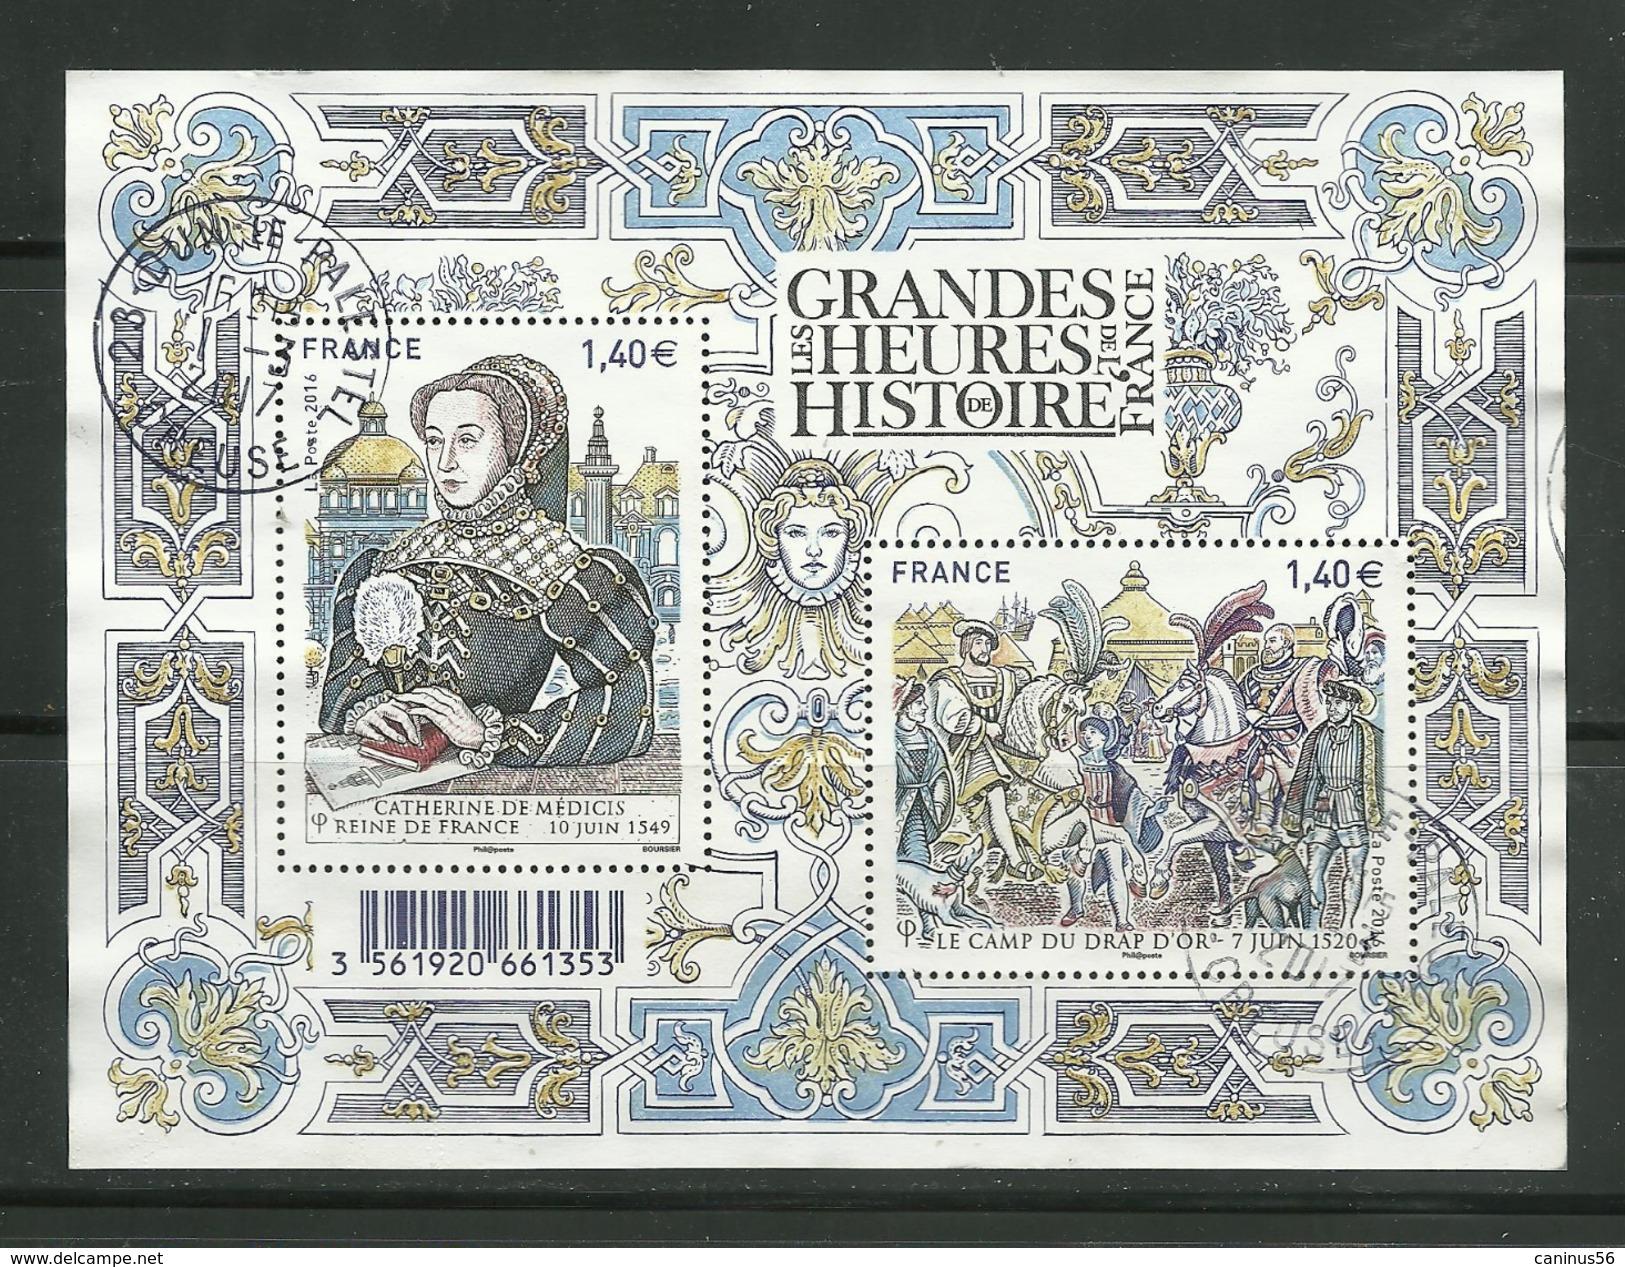 5067 5068 F5067 - 2016 : Feuillet Grandes Heures De L'histoire De France - Cachet Rond - Francia